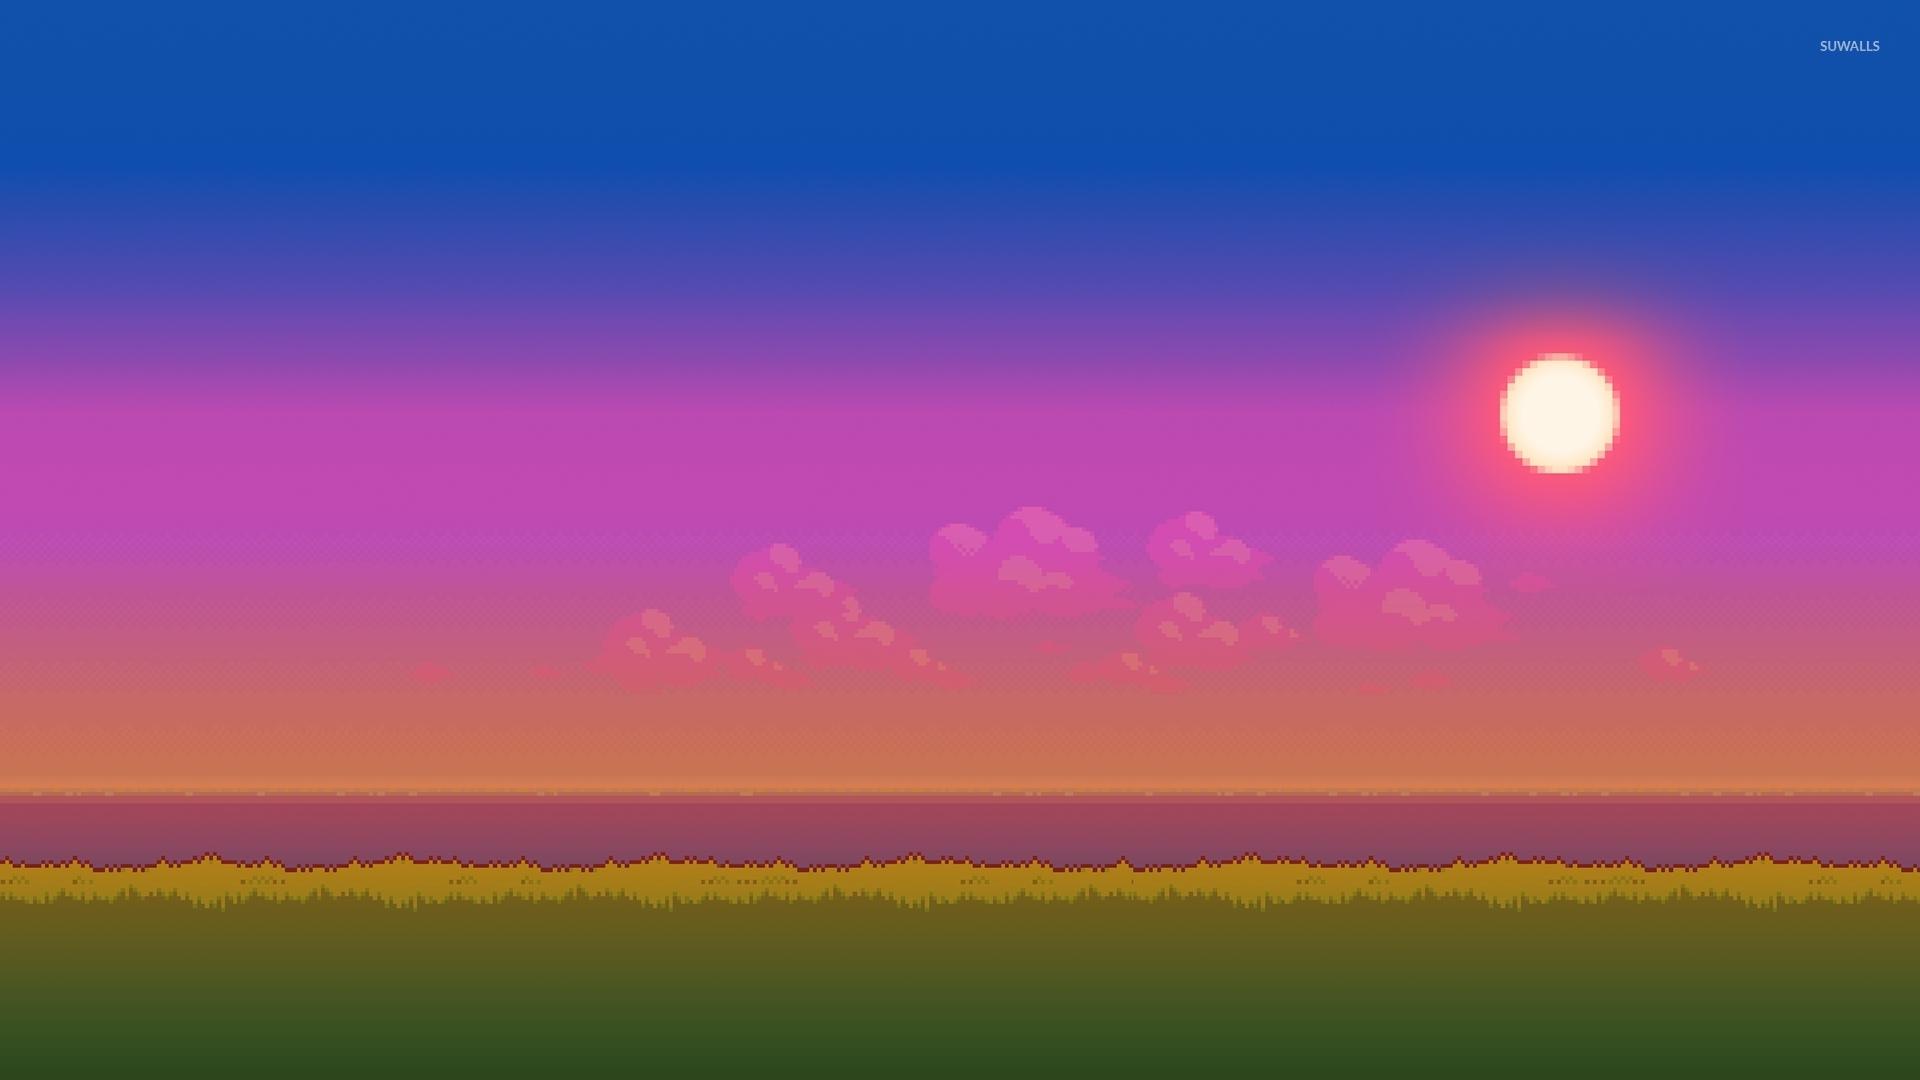 8-bit sunset wallpaper - digital art wallpapers - #41006